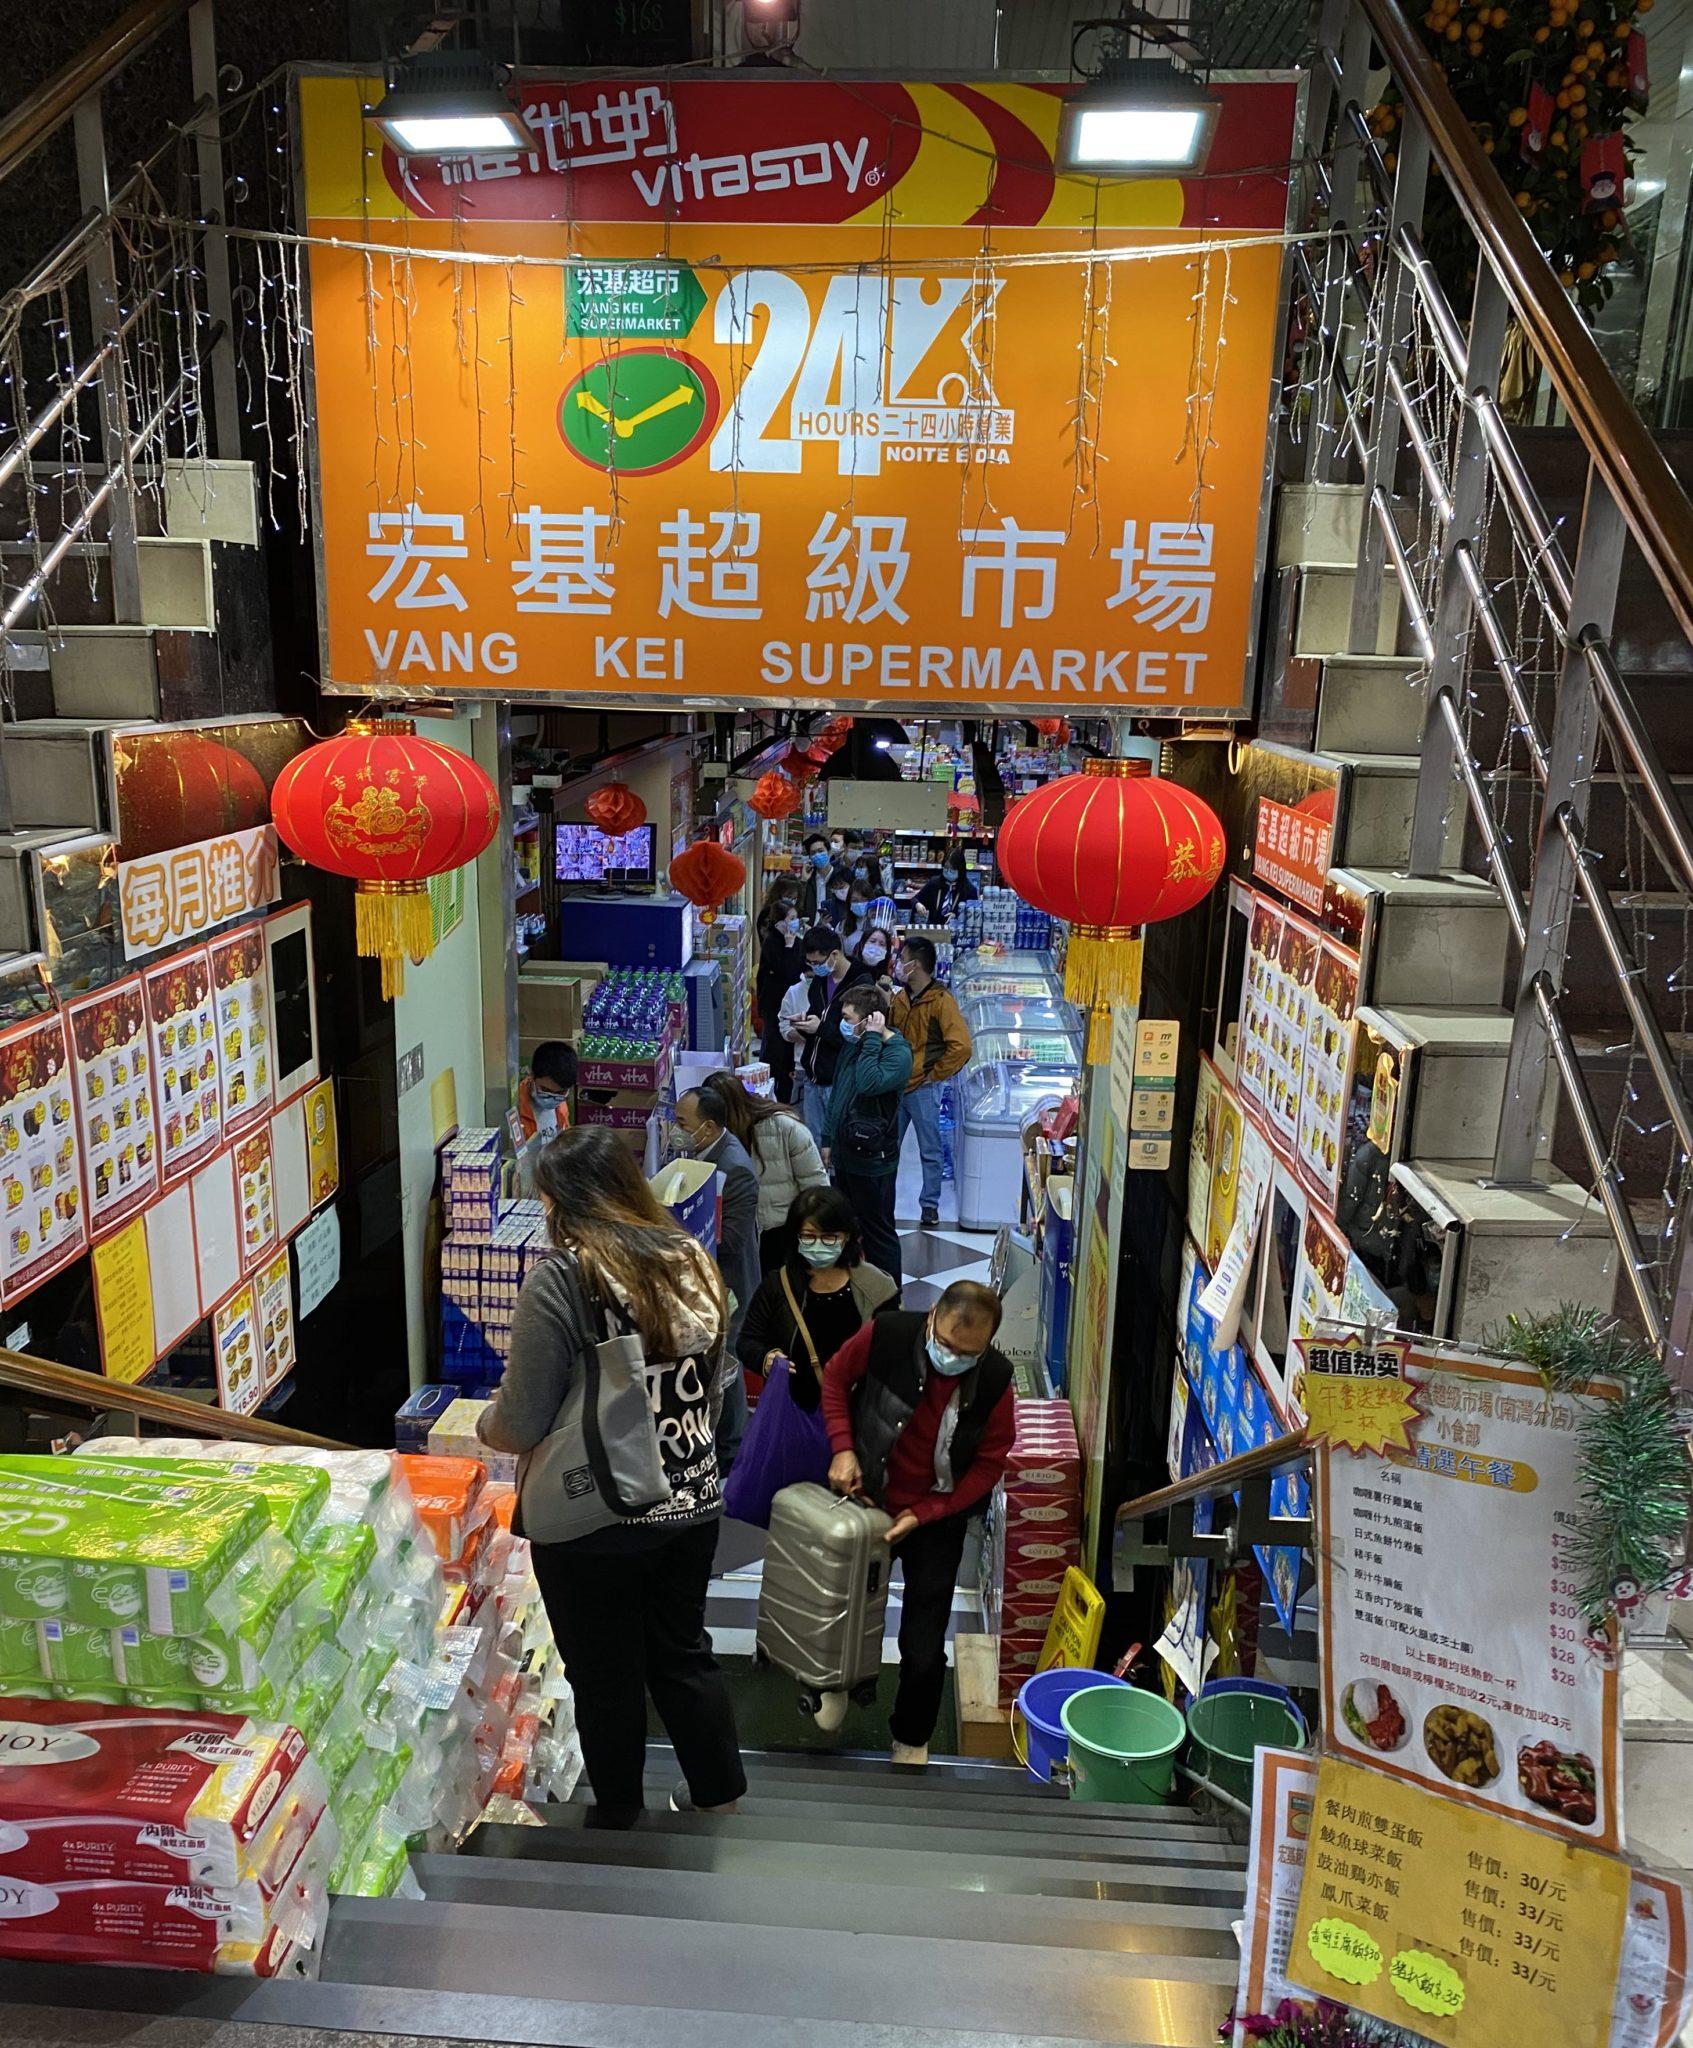 Supermercados   Assegurado fornecimento normal de produtos